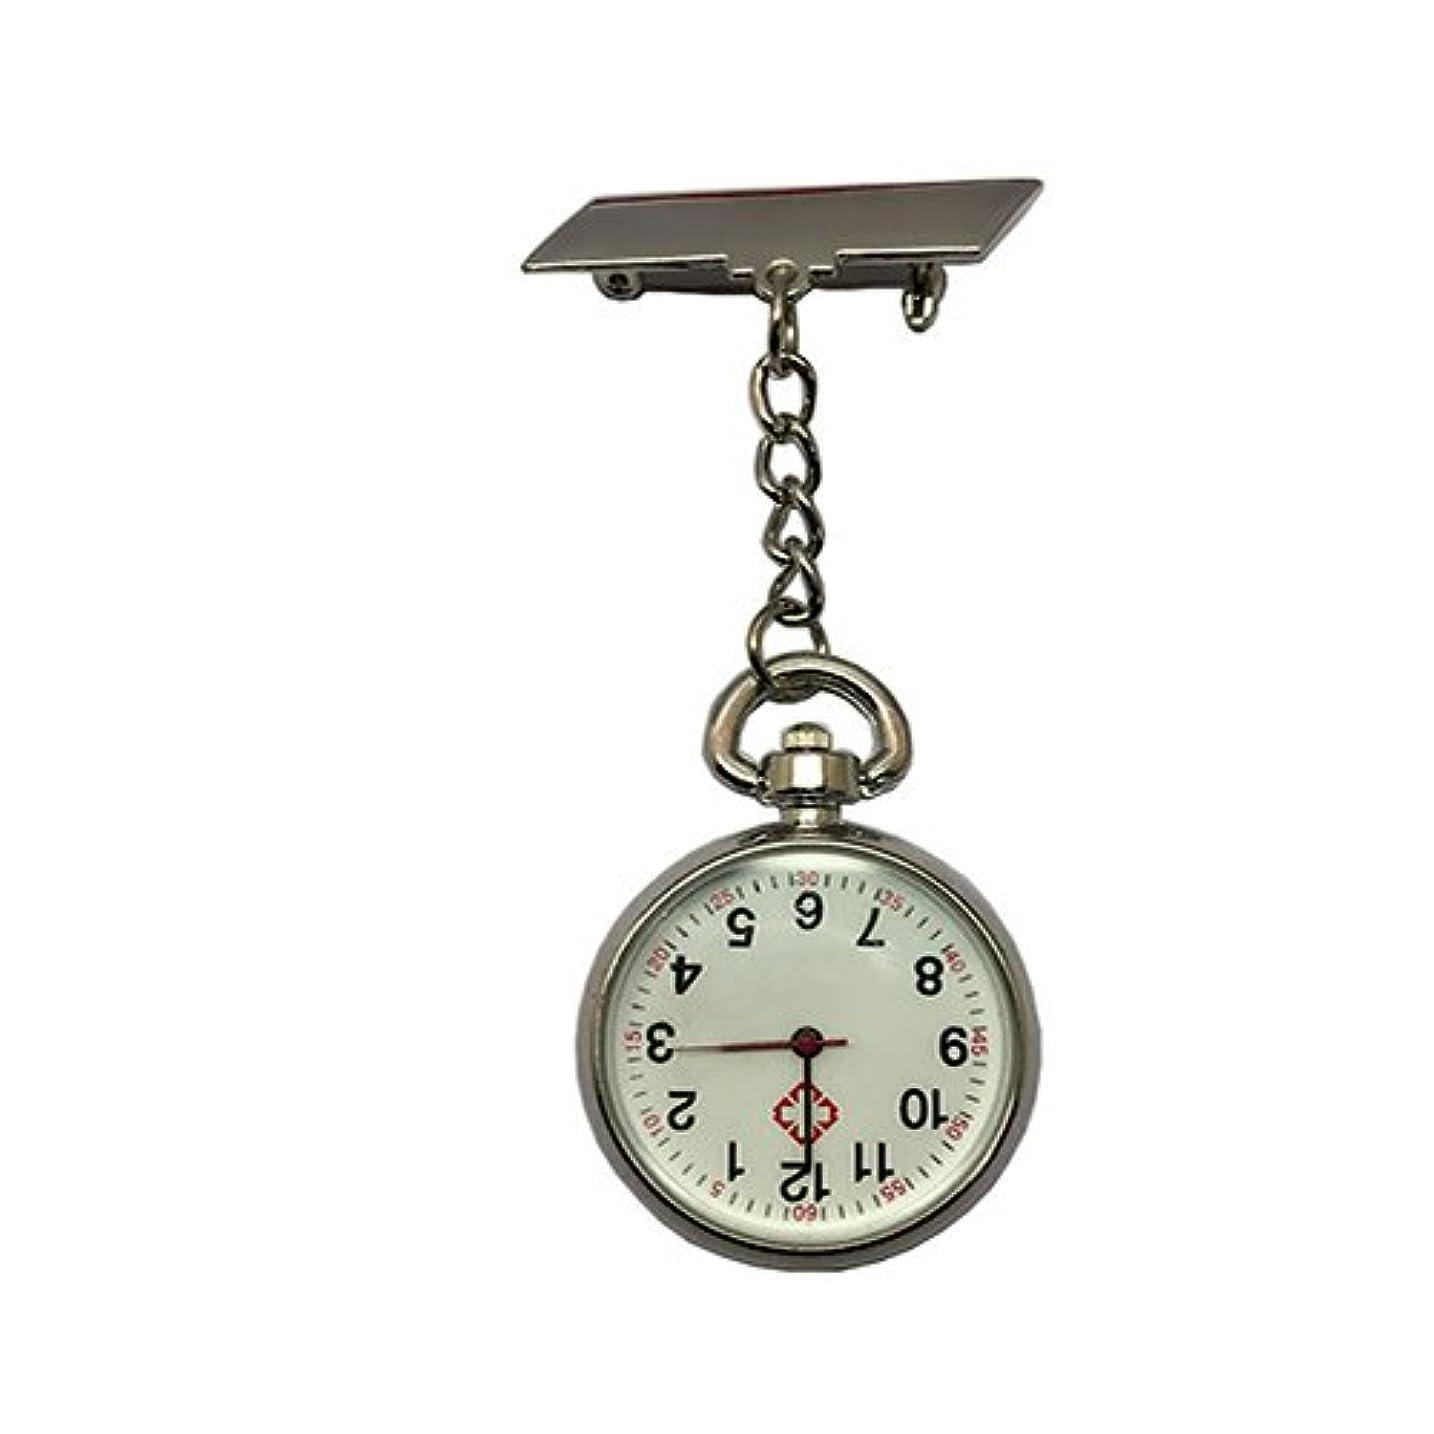 砂漠思いやりのある信頼できるOsize ミニウォッチ看護師用ウォッチポケット懐中時計 ブローチウォッチ レディアロイハンギングウォッチ(シルバー)